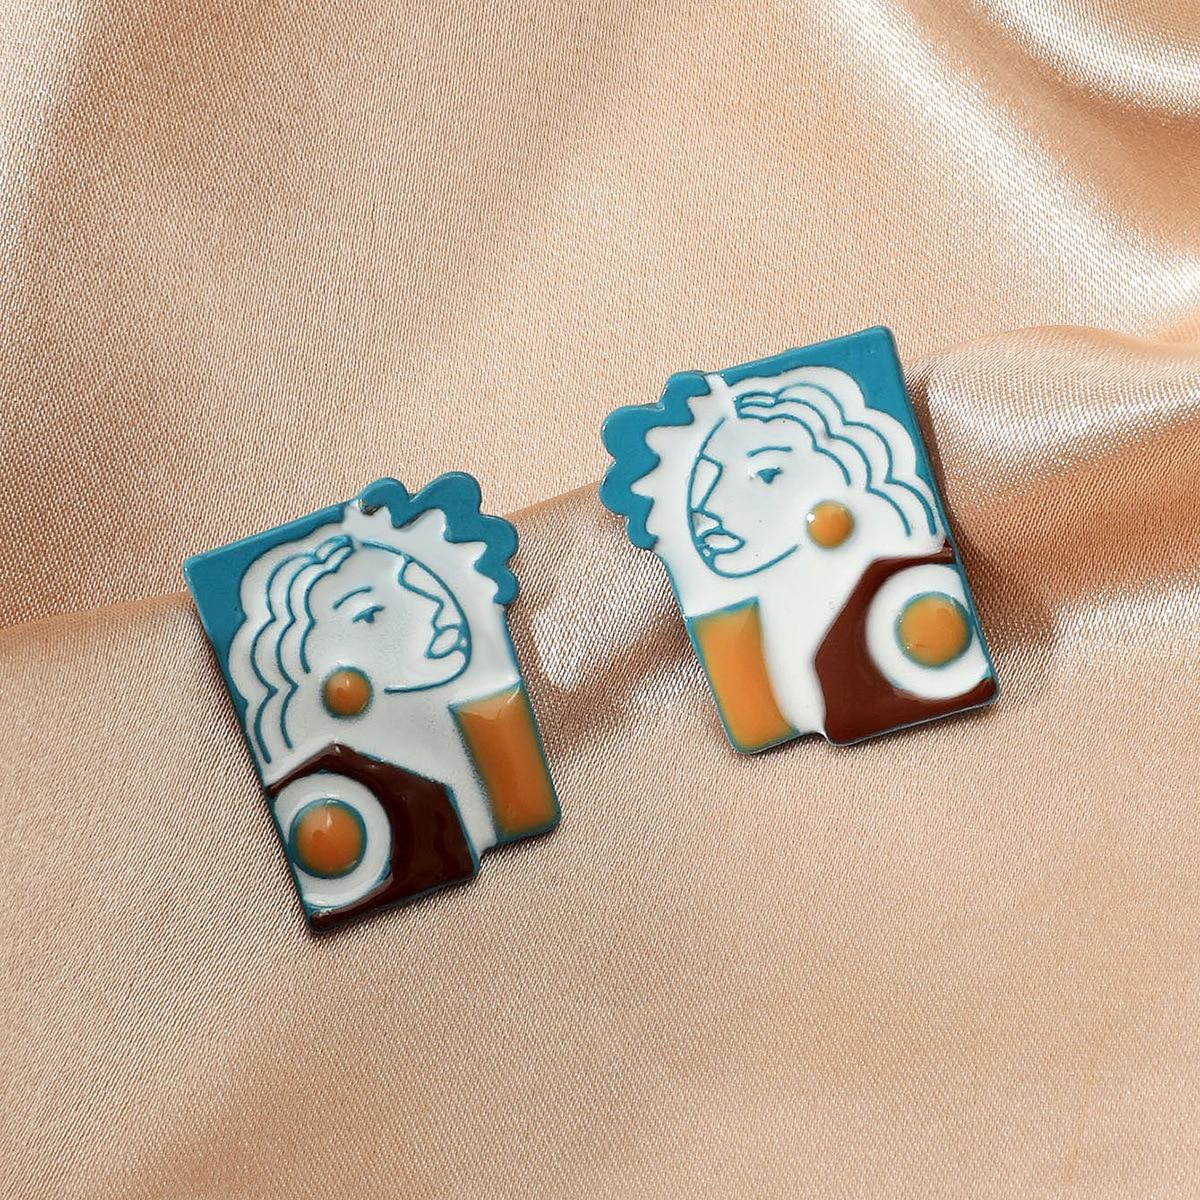 2021 винтажные жертвенные рандомные серьги в форме нации Майя для женского творческого синего портрета Индивидуальные дизайнерские ювелирн...